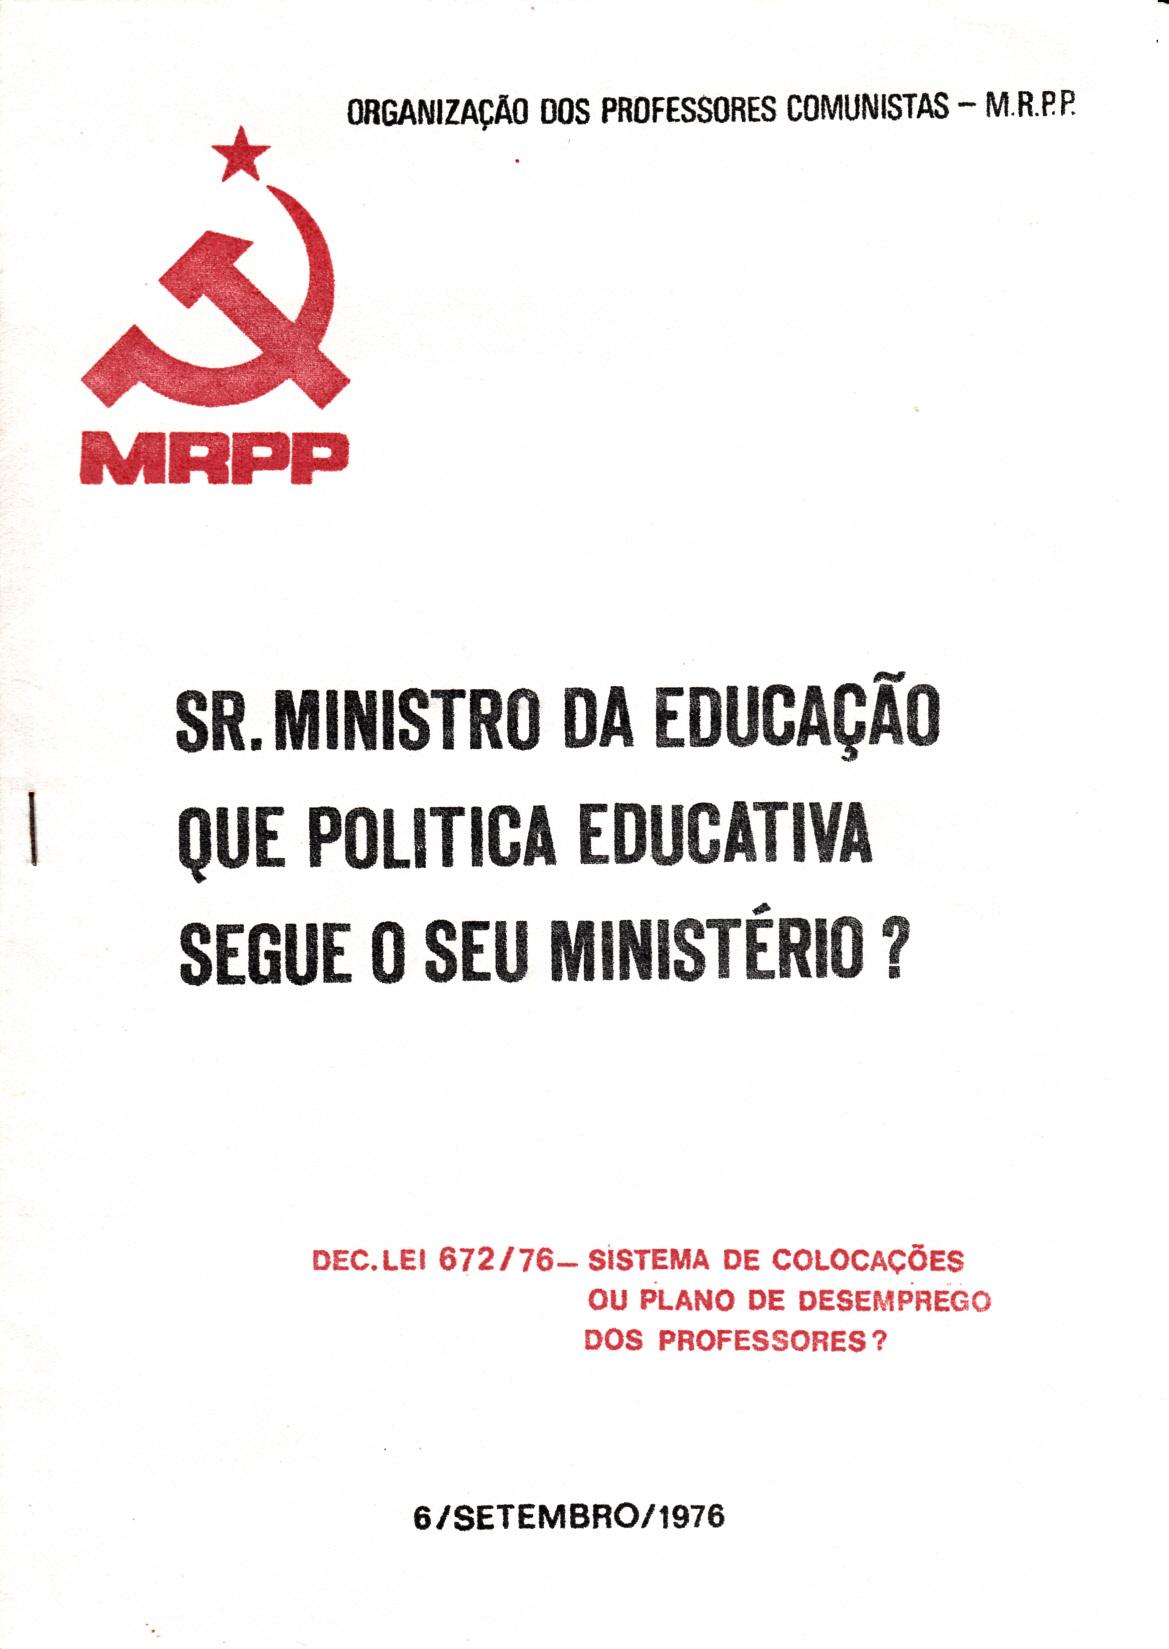 MRPP_1976_09_06